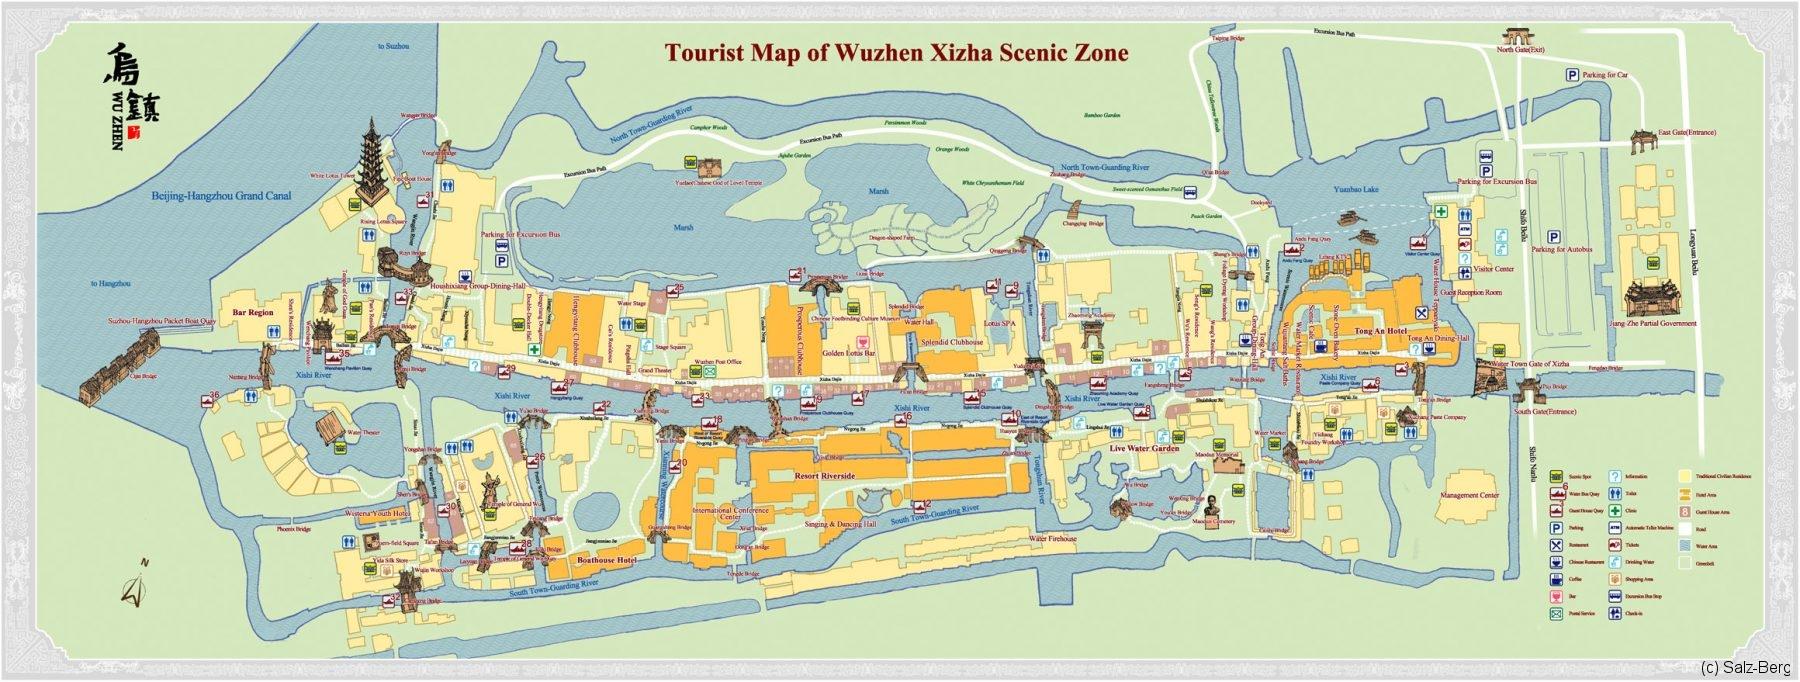 6156_map_Wuzhen